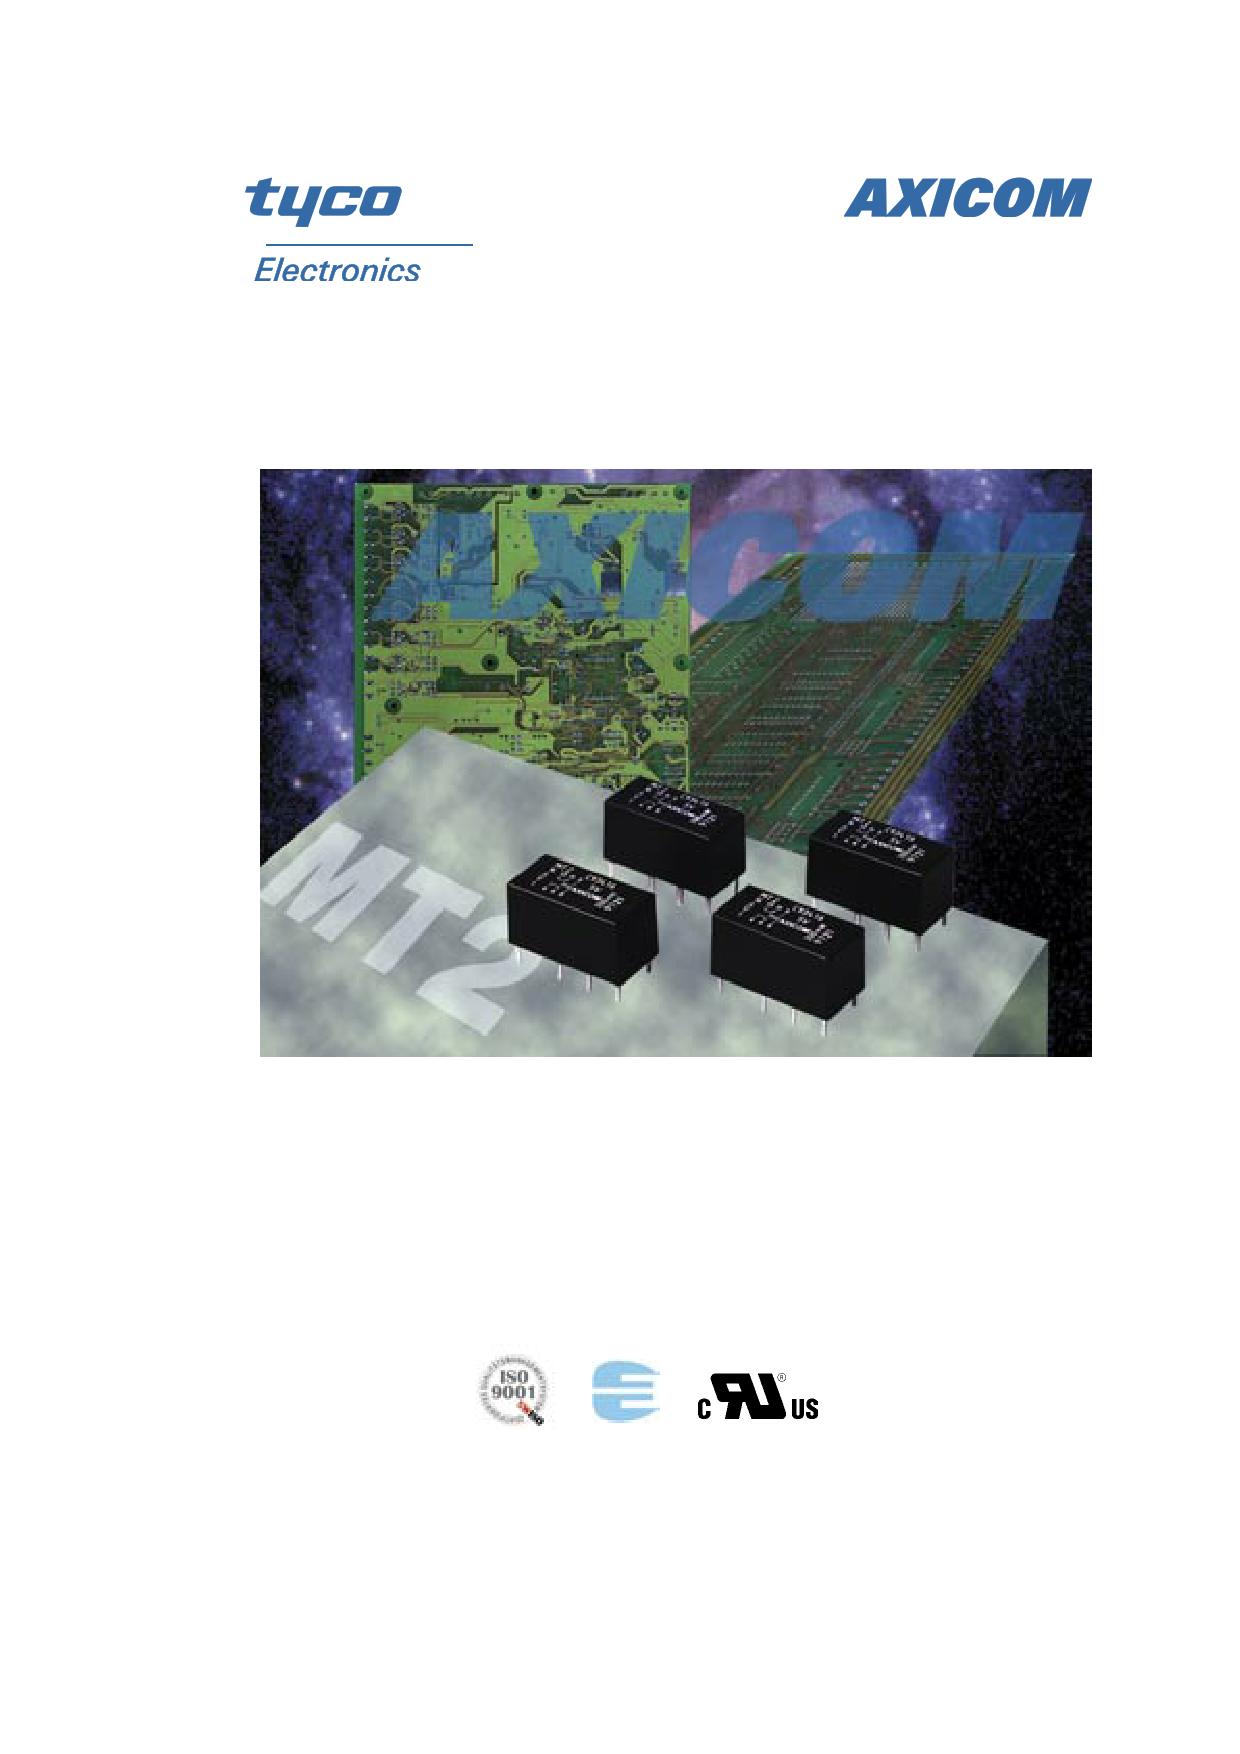 4-1462000-1 Hoja de datos, Descripción, Manual